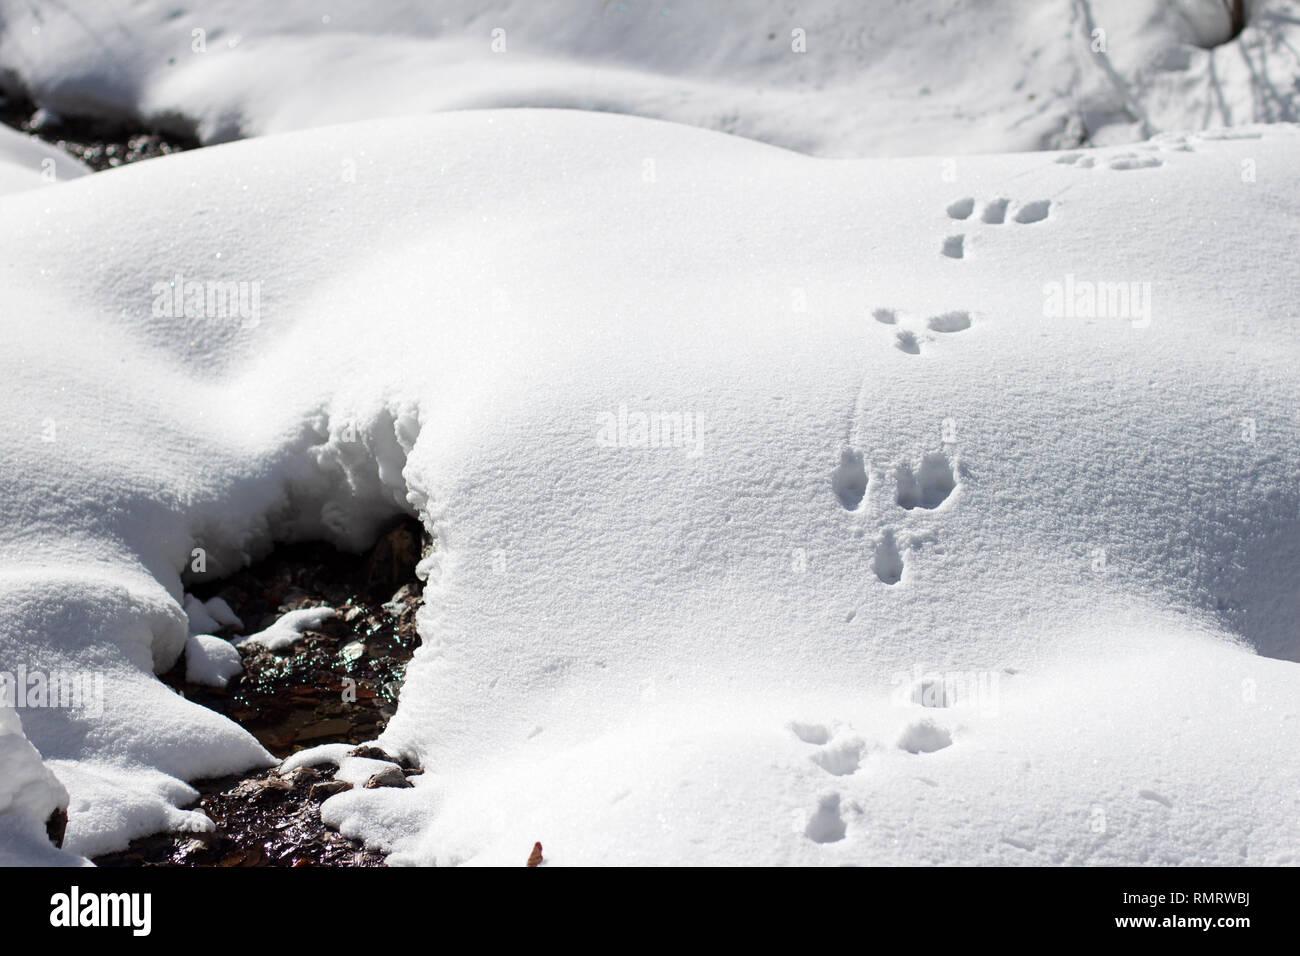 Rabbit Foot Images, Stock Photos & Vectors | Shutterstock